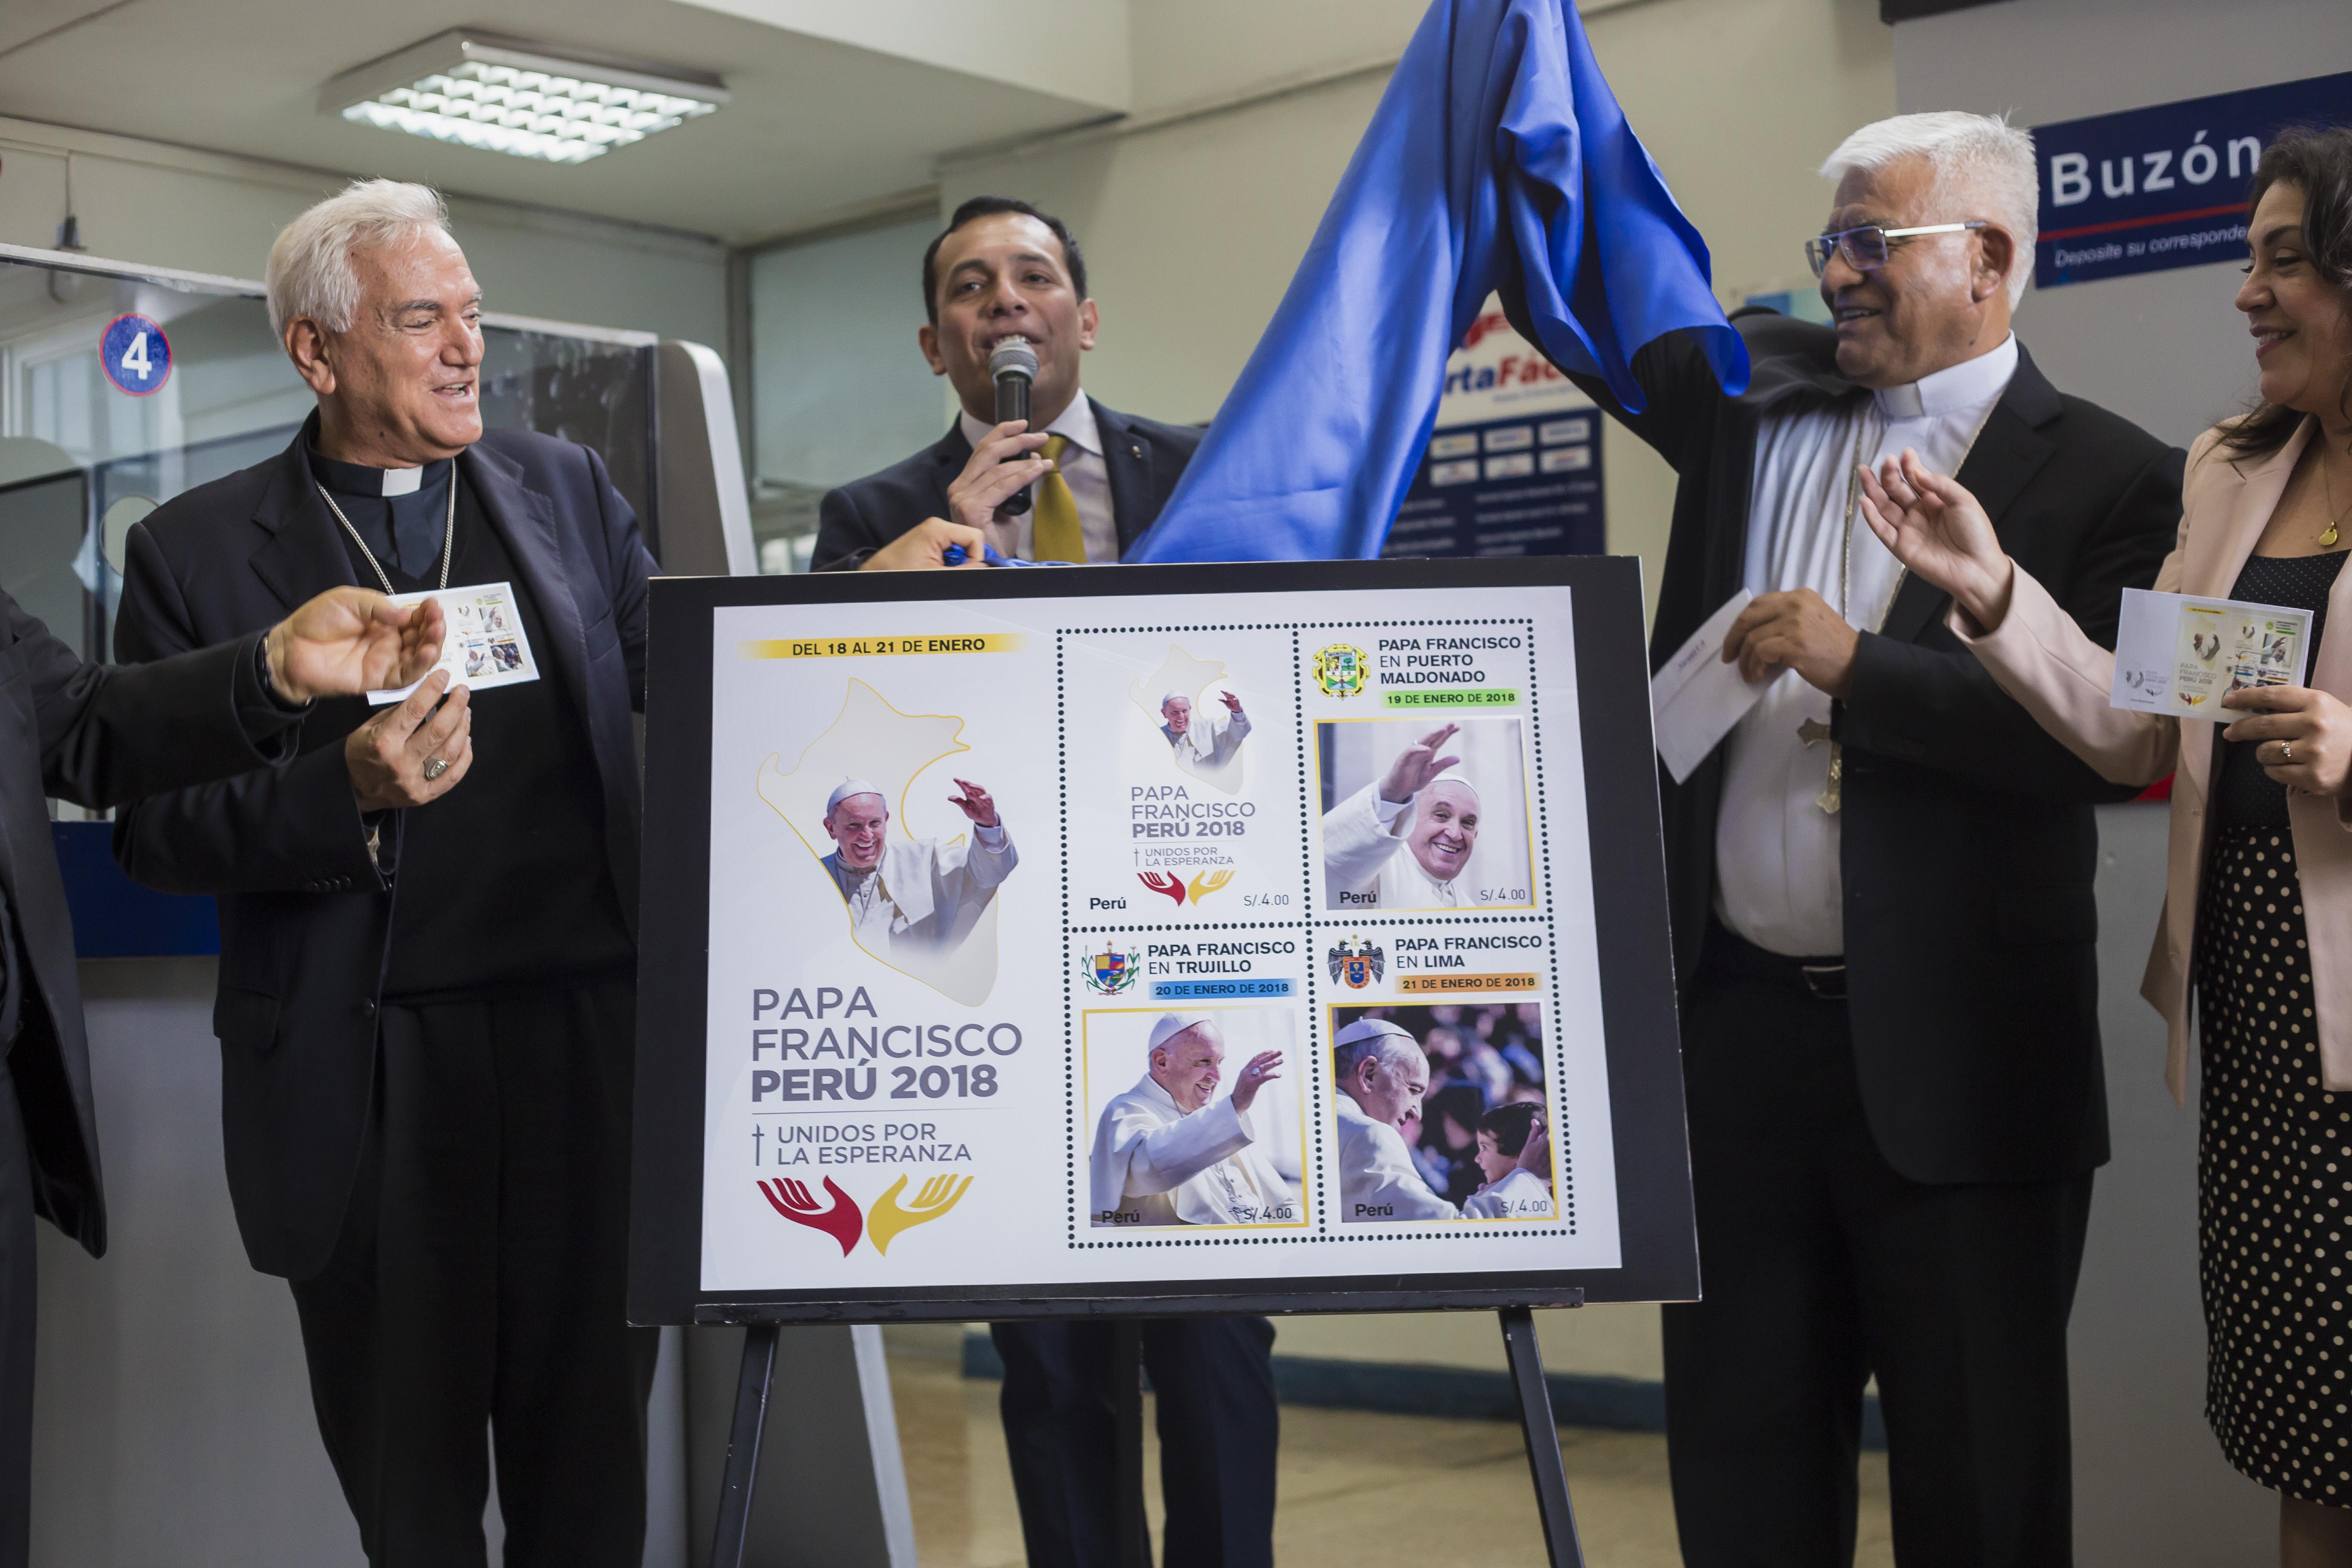 Conferencia Episcopal Peruana y Serpost presentan postal y estampillas conmemorativas por visita del Papa